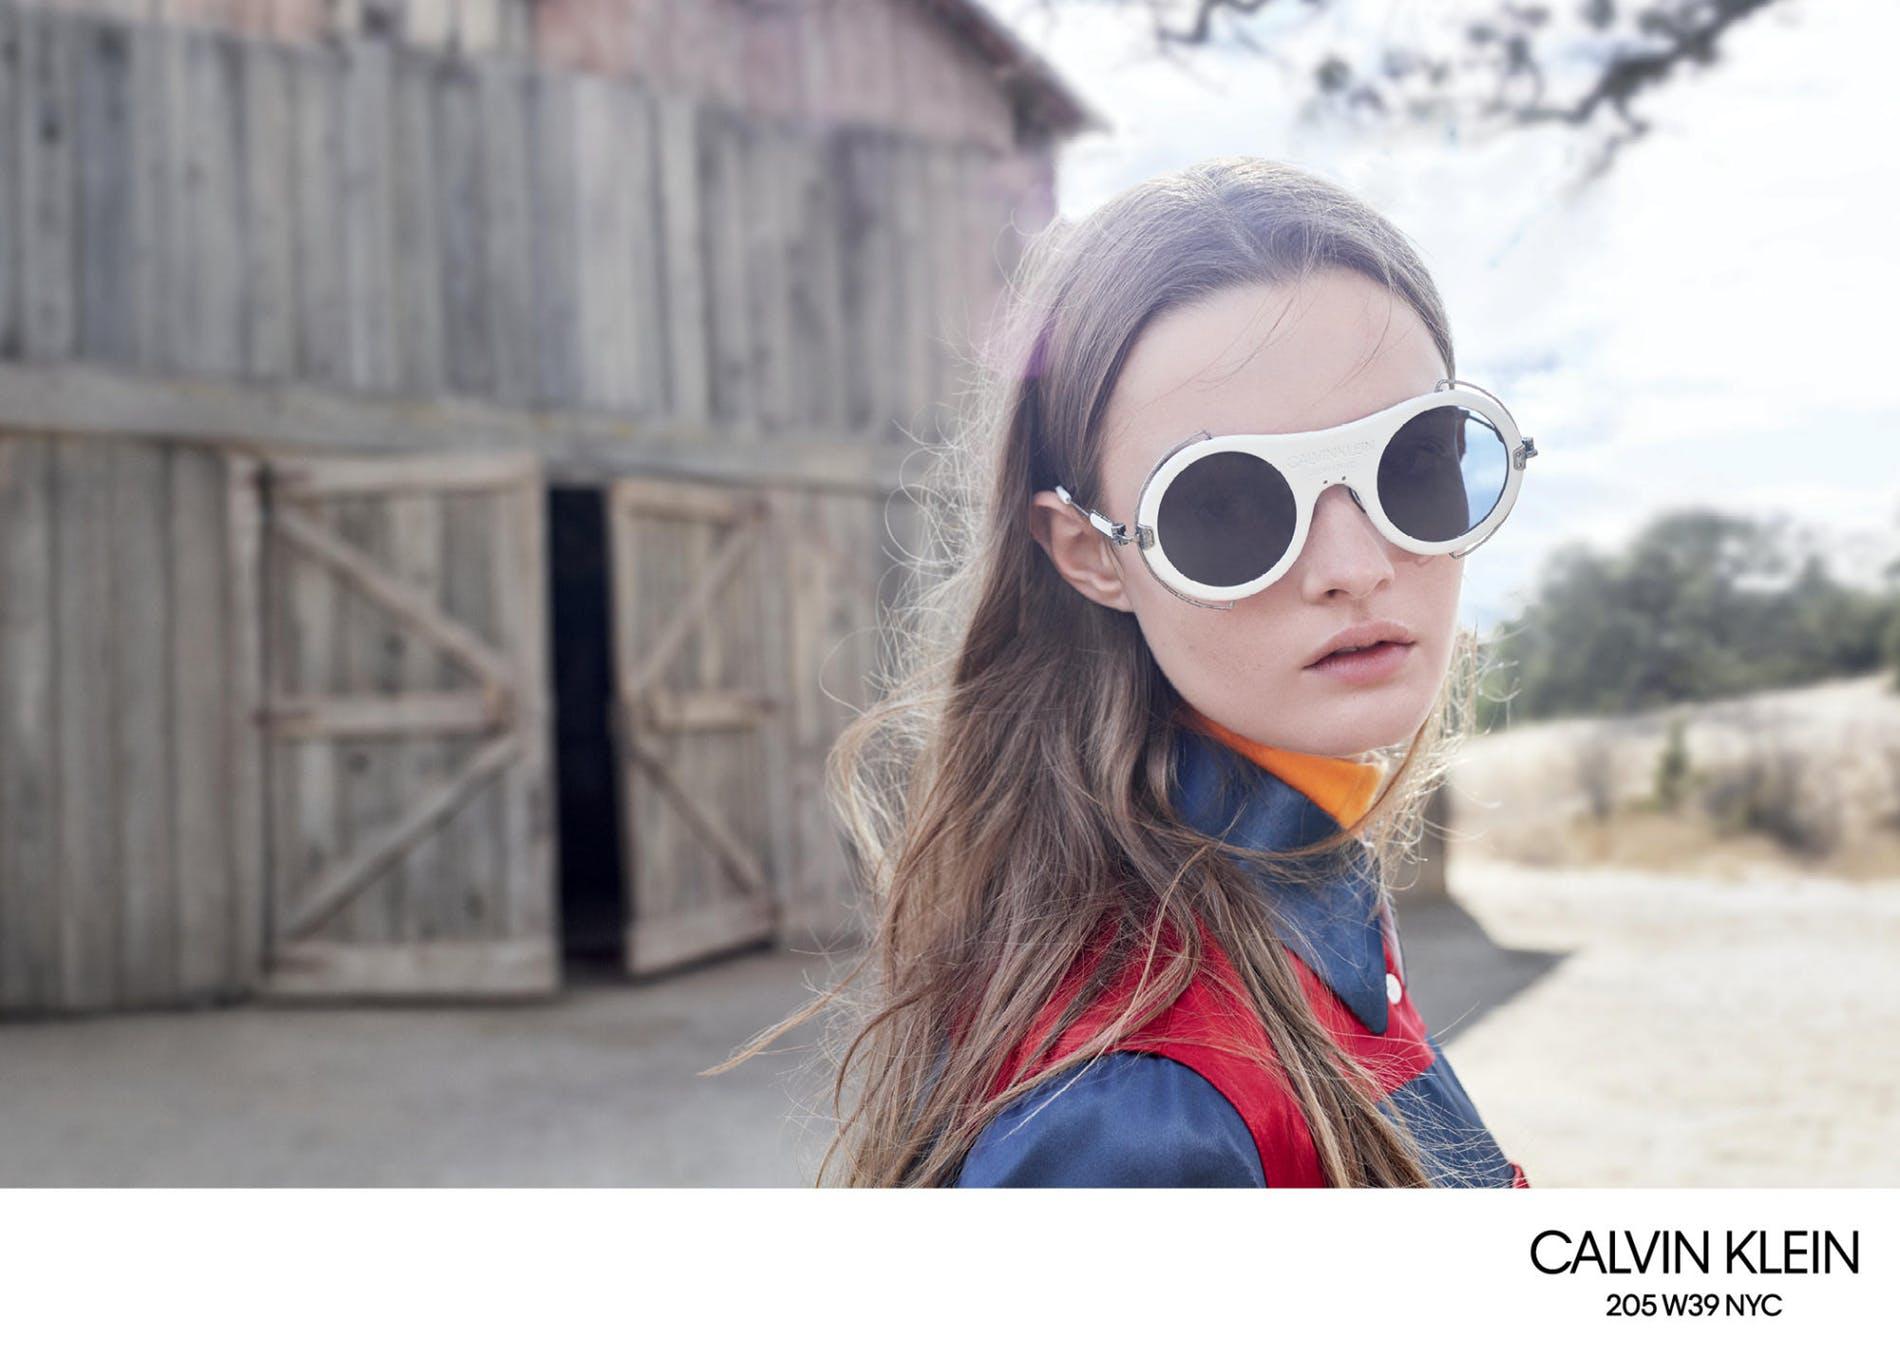 Calvin Klein campaign